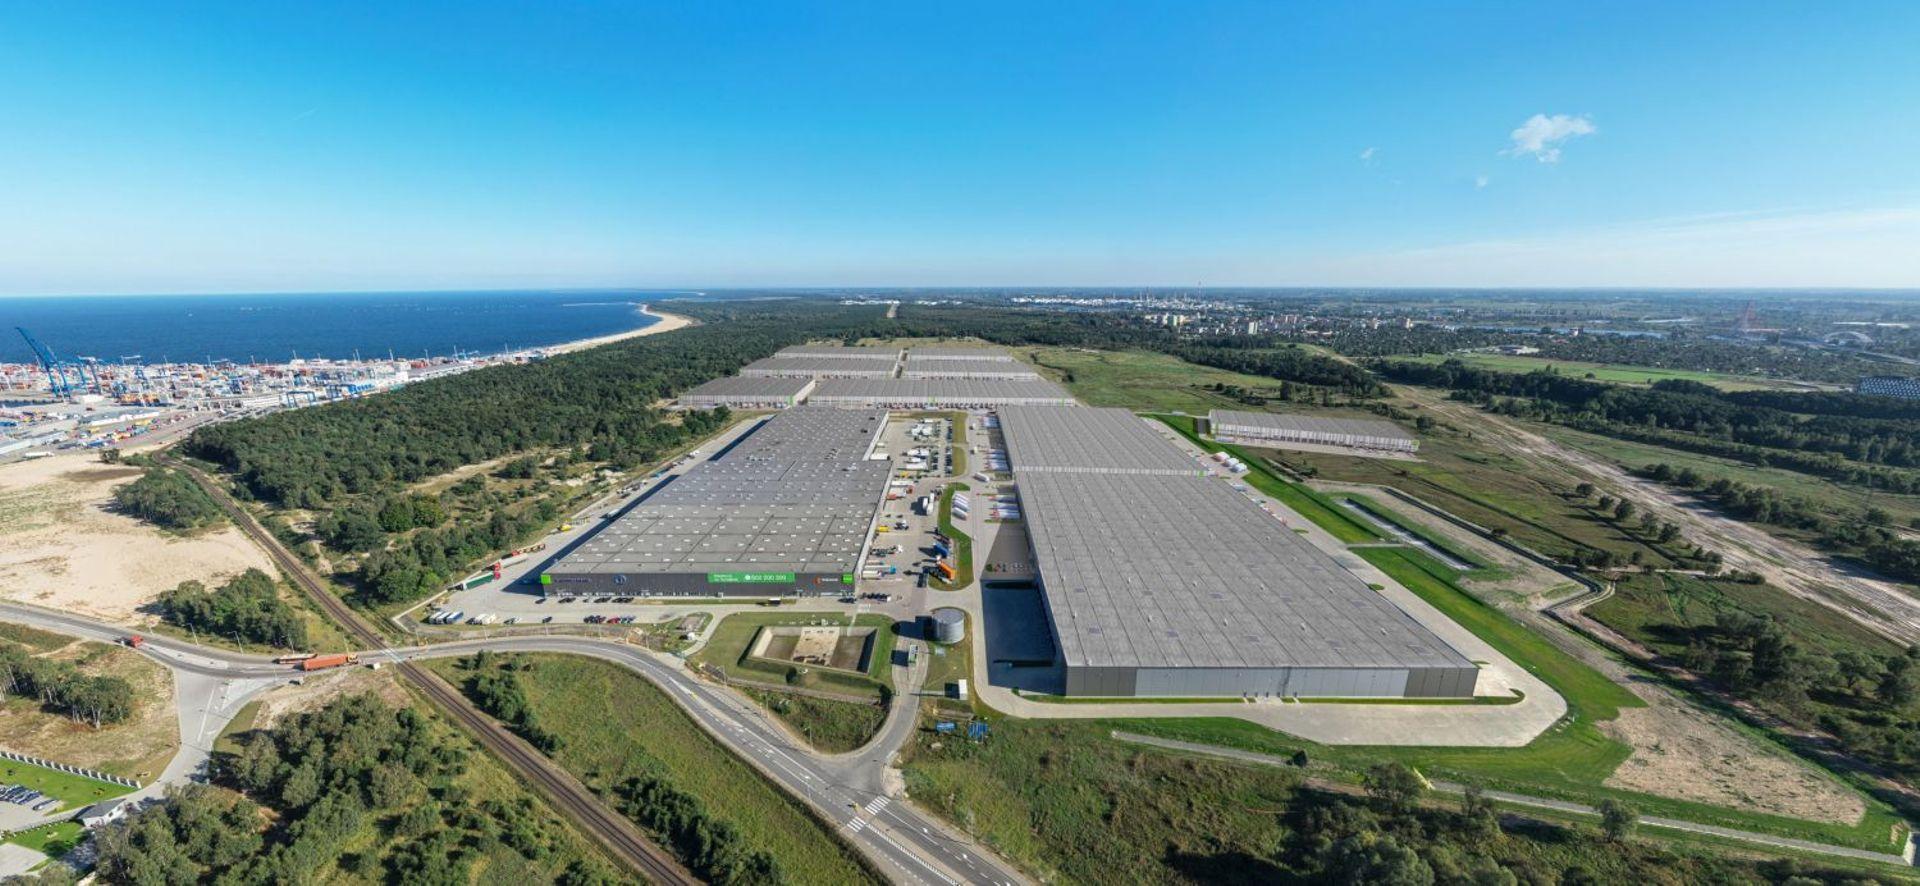 [Gdańsk] Sieć hipermarketów budowlanych weszła do Pomorskiego Centrum Logistycznego w Gdańsku